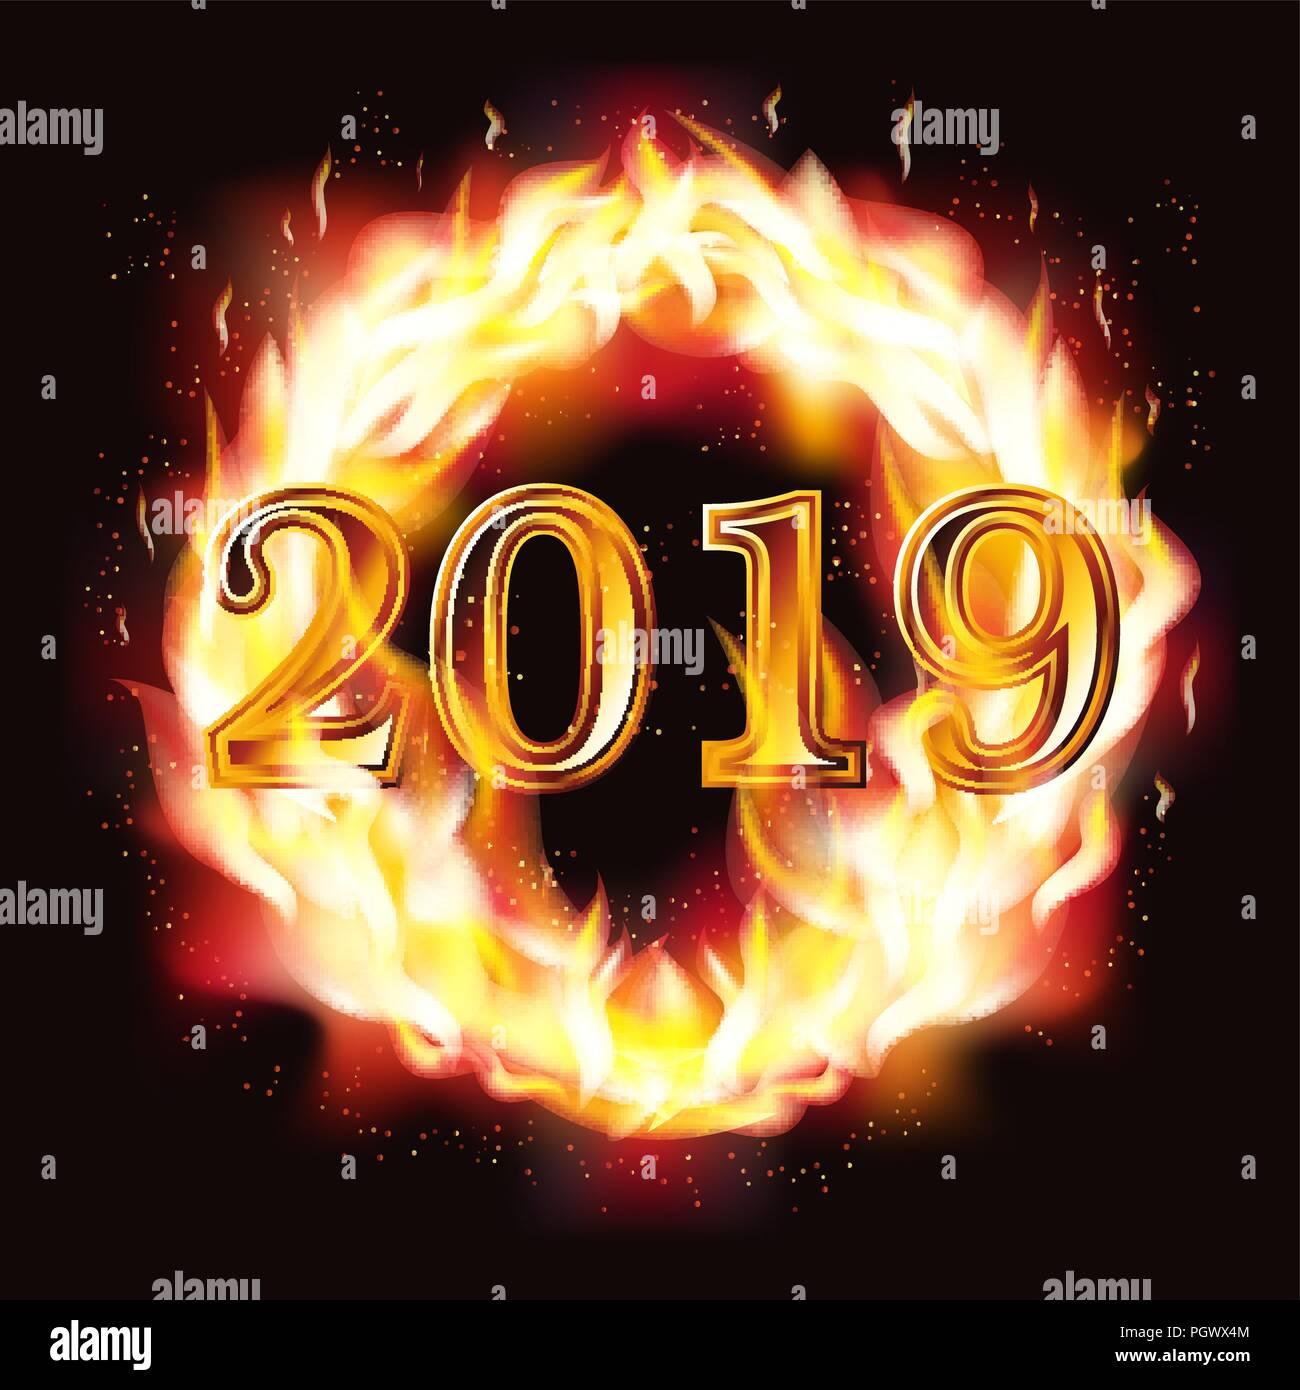 Feliz Año Nuevo 2019 Tarjeta De Invitación De Fuego